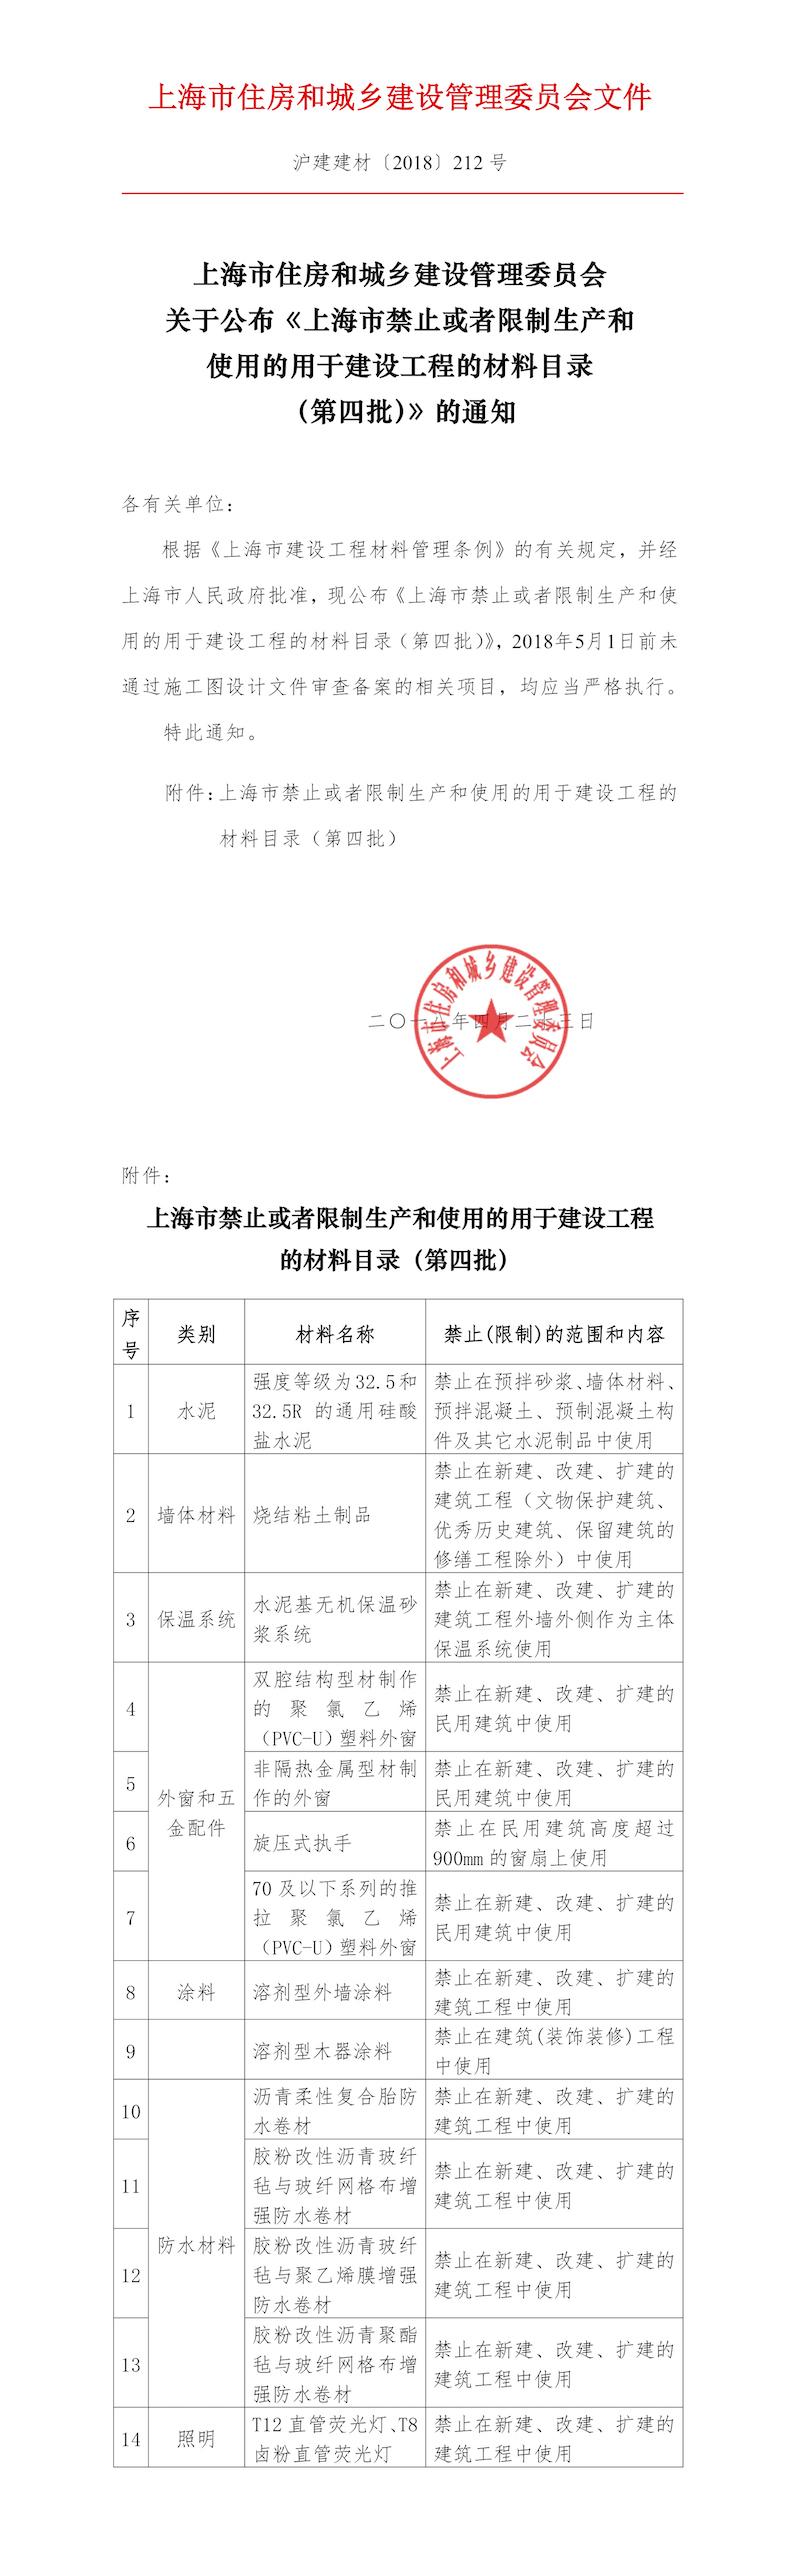 关于公布《上海市禁止或者限制生产和使用的用于建设工程的材料目录(第四批)》的通知.jpg